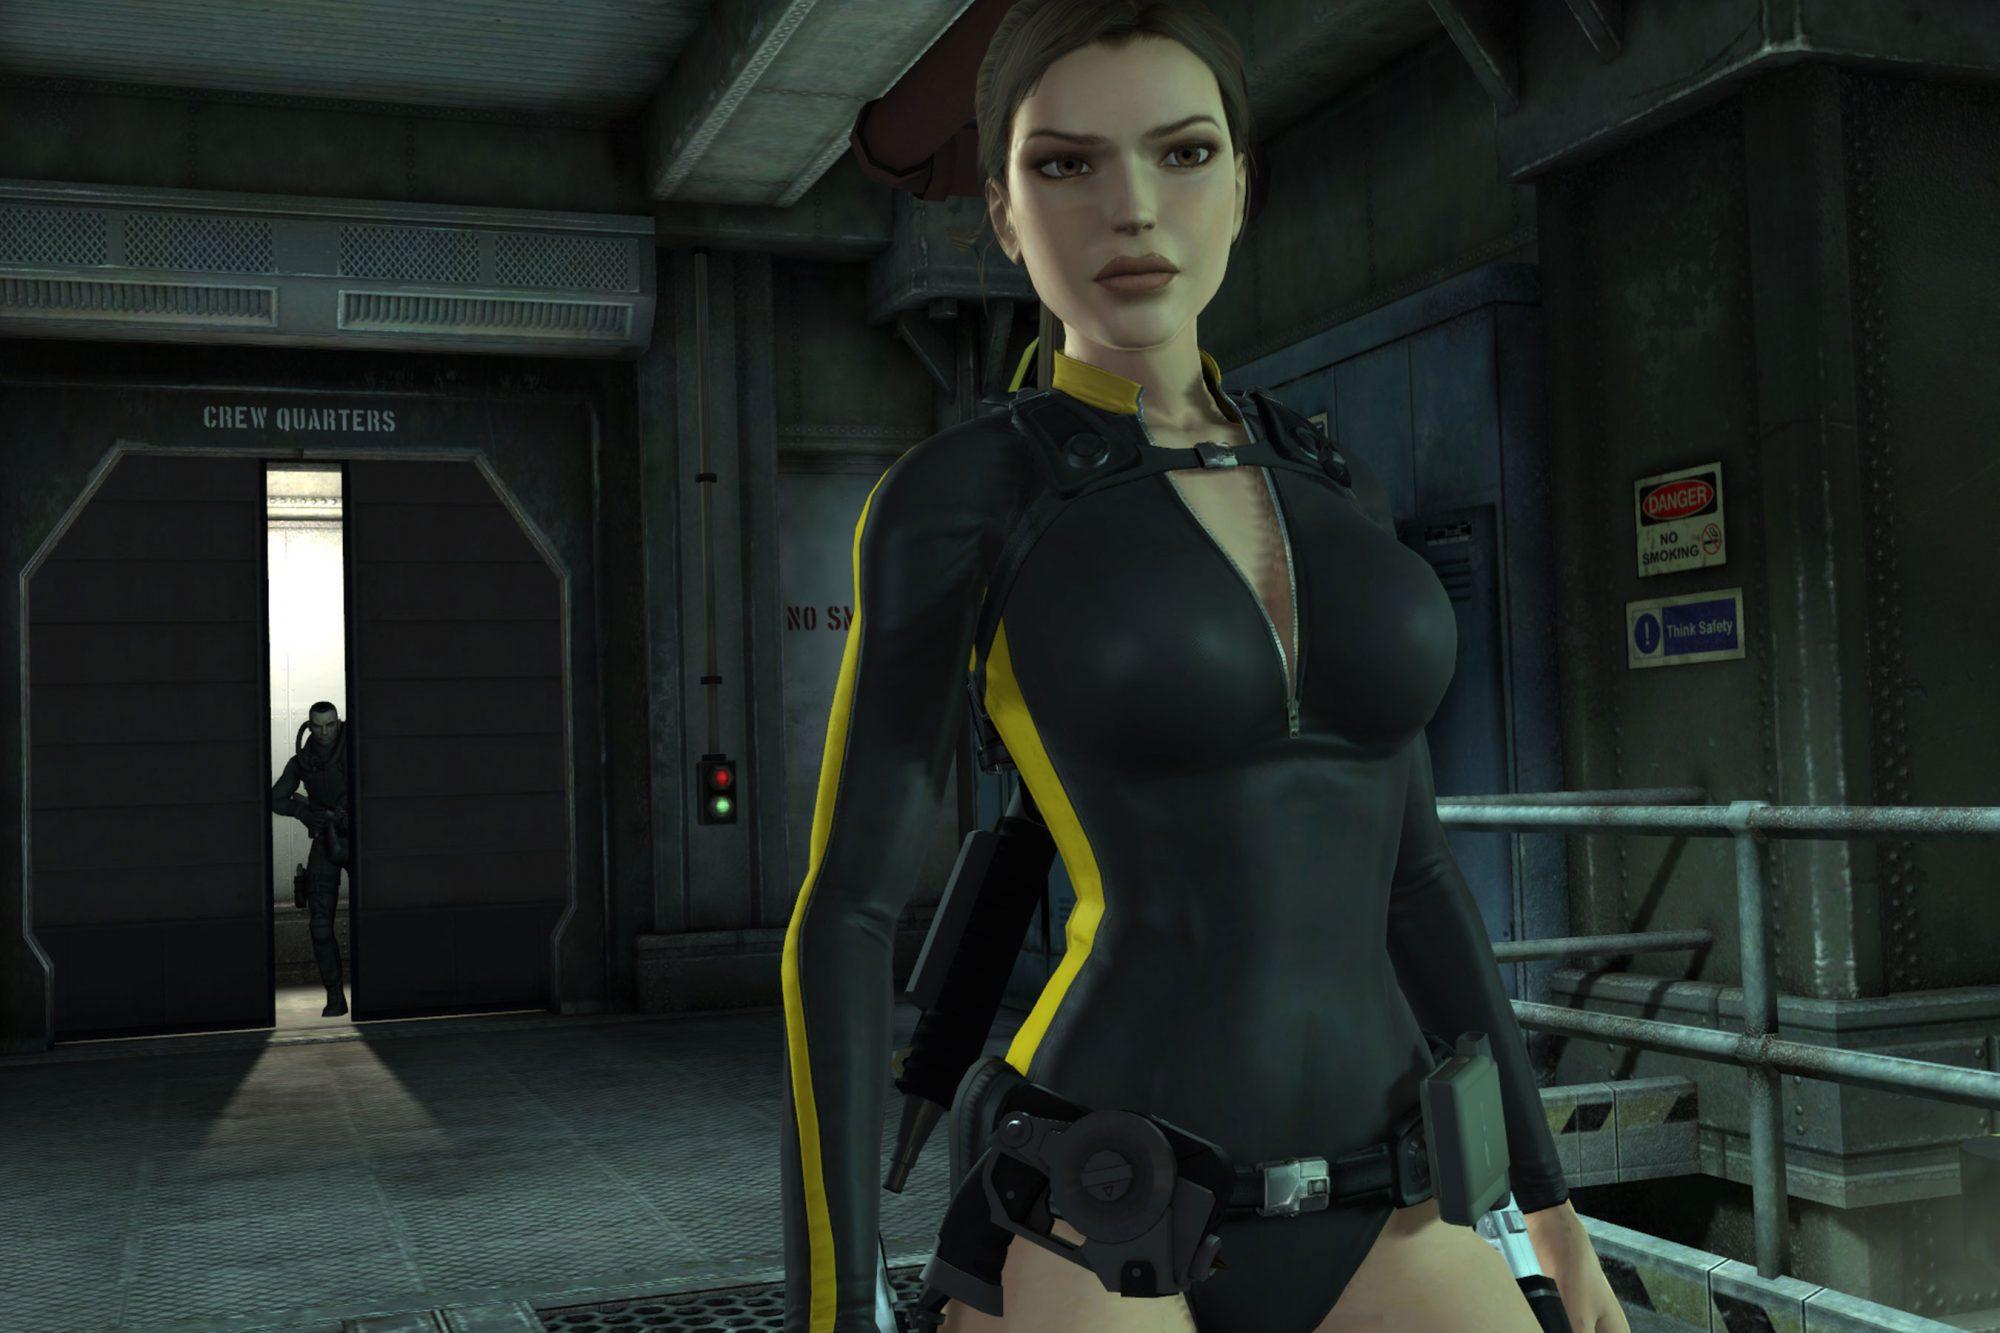 Tomb Raider: Underworld (video game - 2008)